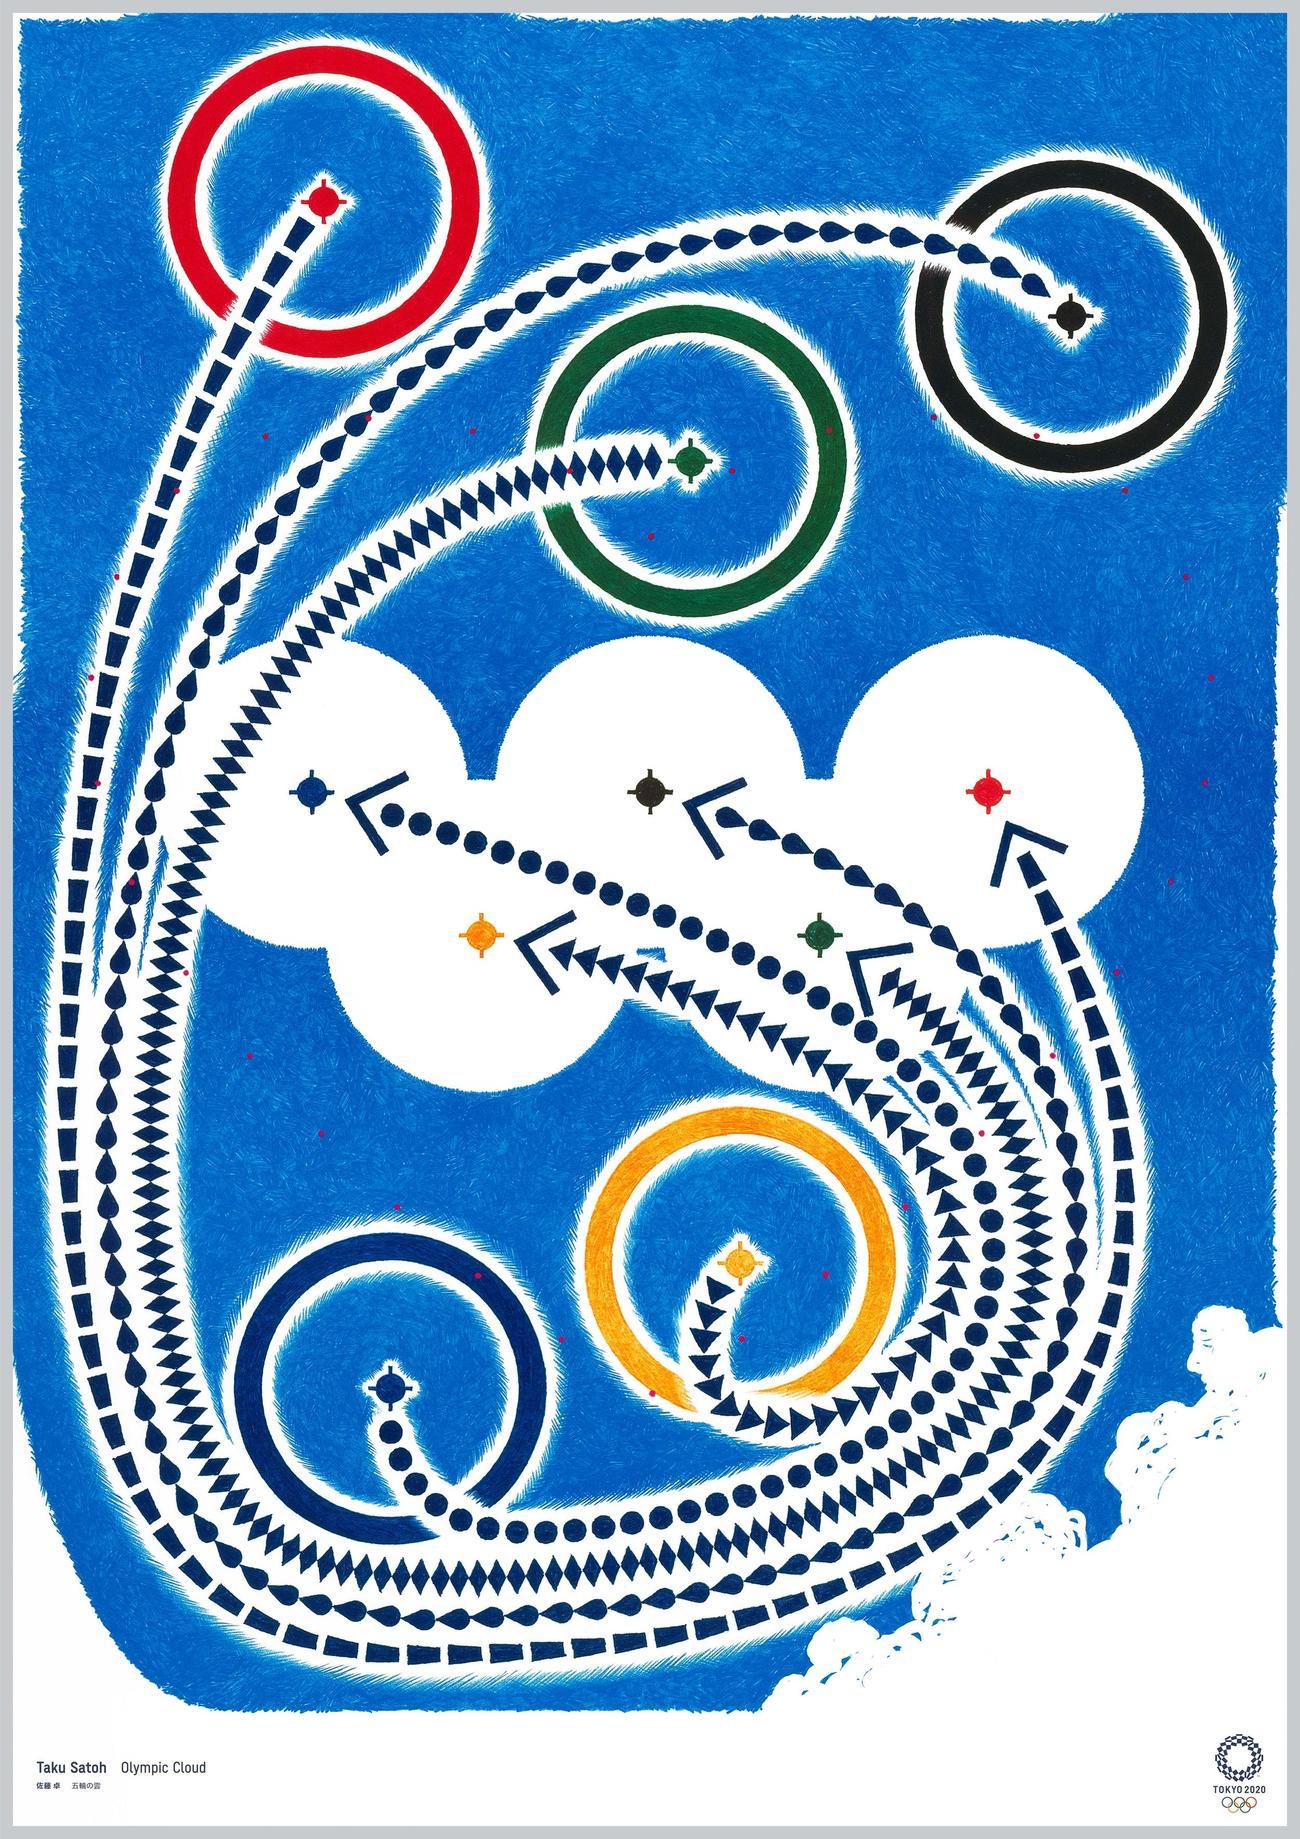 グラフィックデザイナー佐藤卓氏が手掛けたオリンピックをテーマにした作品「五輪の雲」@Tokyo2020